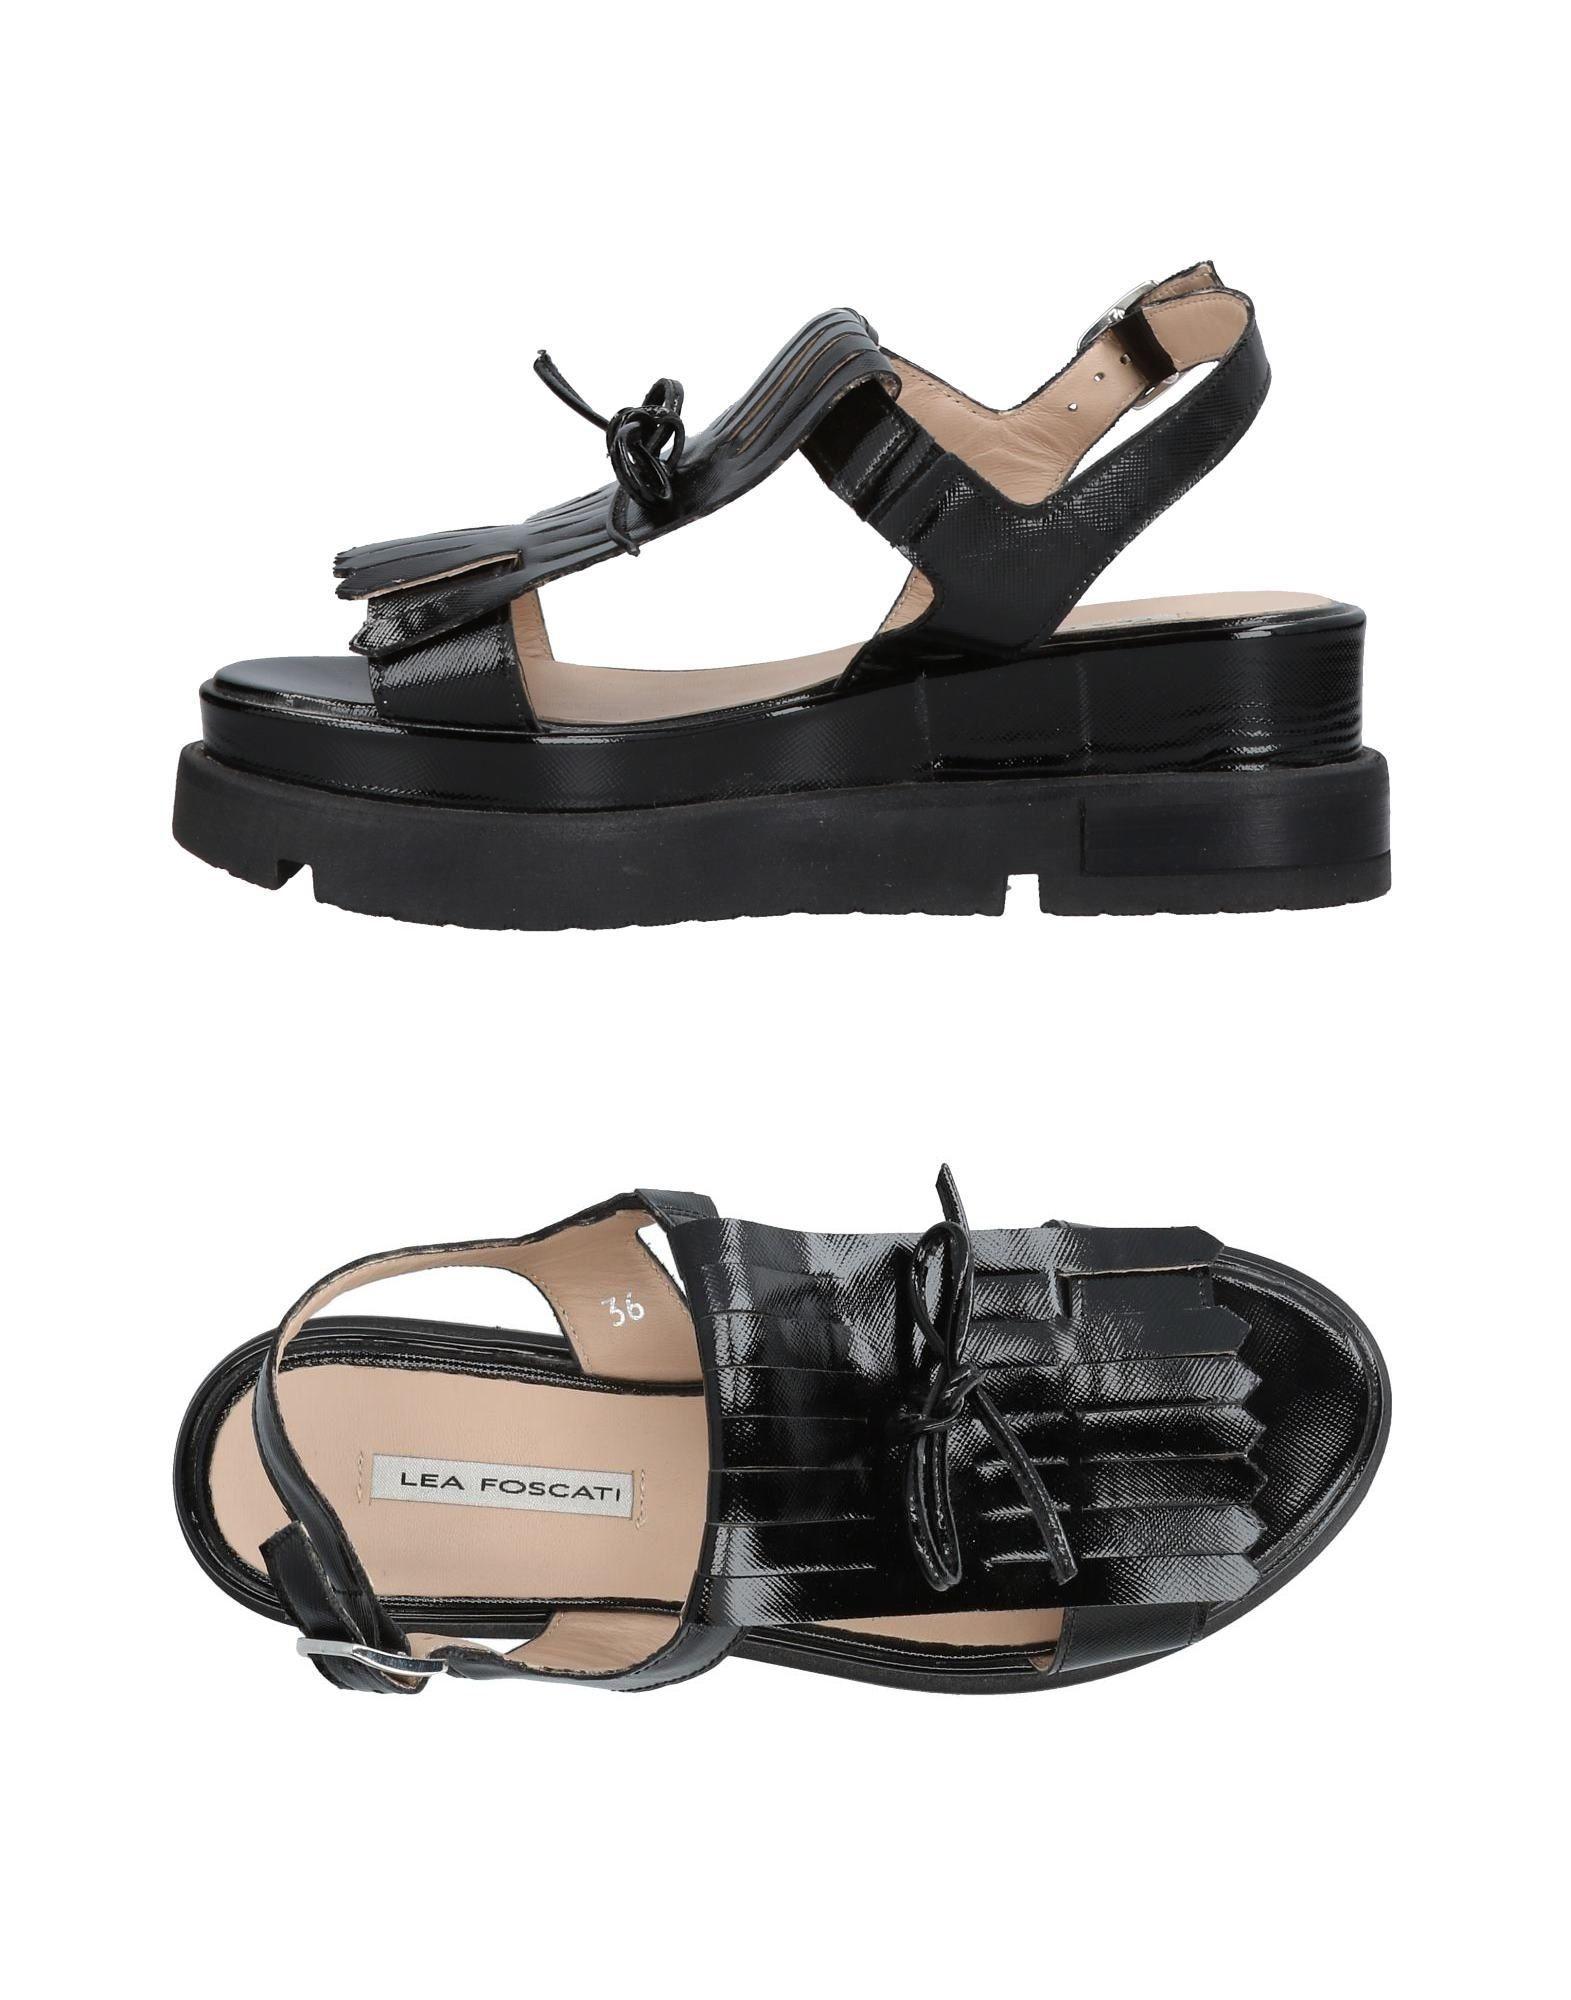 Klassischer Stil-3837,Lea Foscati Sandalen lohnt Damen Gutes Preis-Leistungs-Verhältnis, es lohnt Sandalen sich 00cbb2